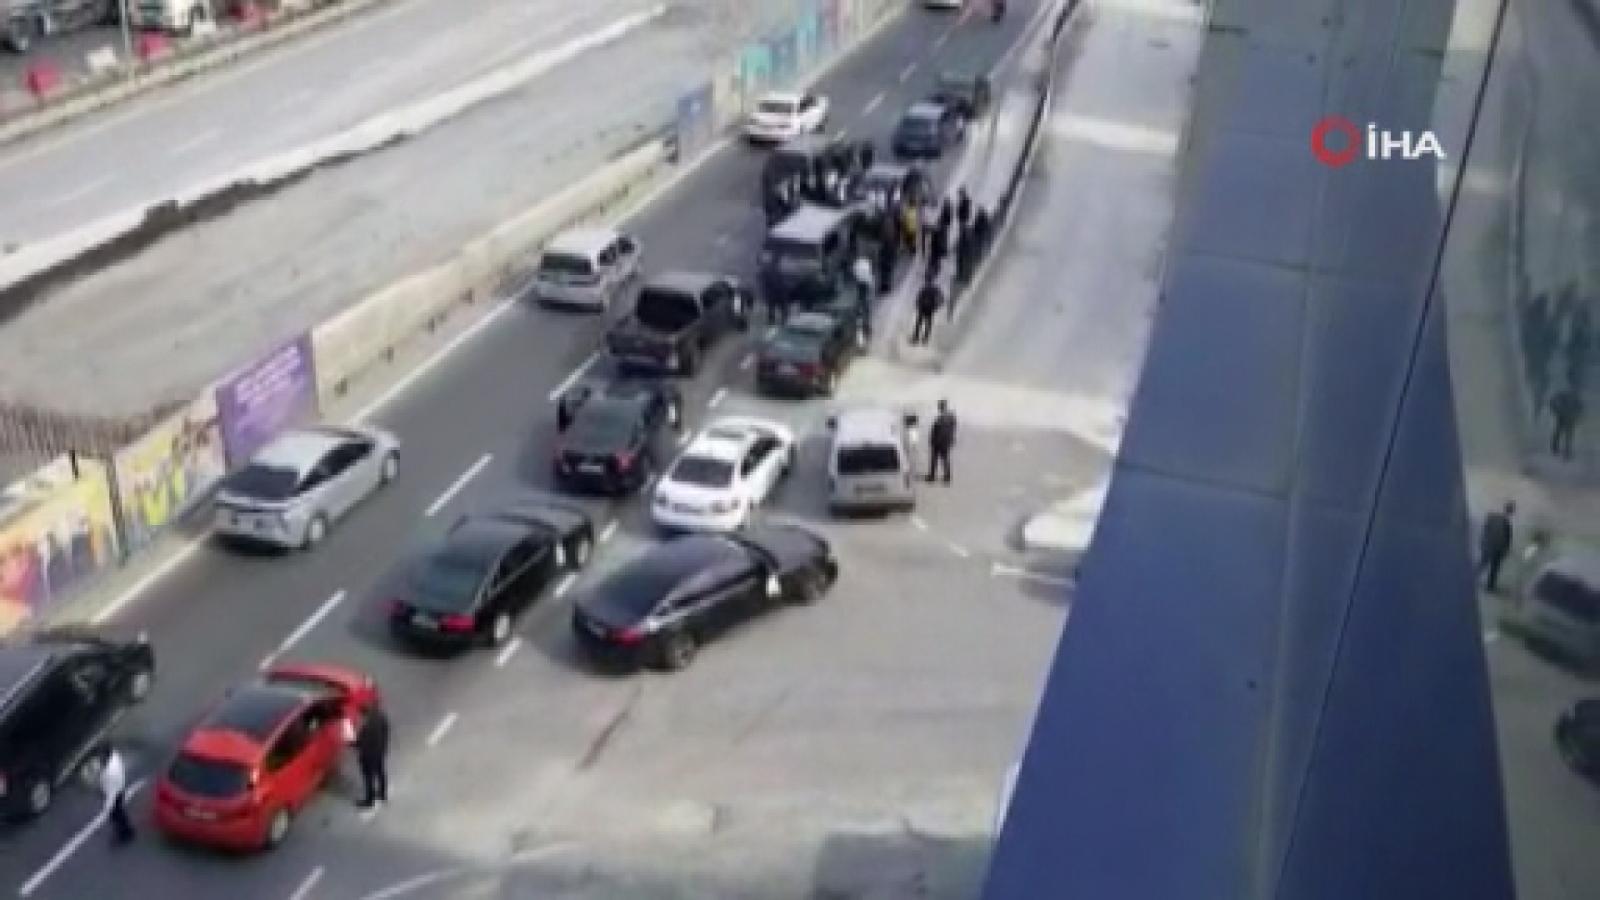 Çakarlı Araçlarla Yolu Trafiğe Kapatıp Halay Çektiler